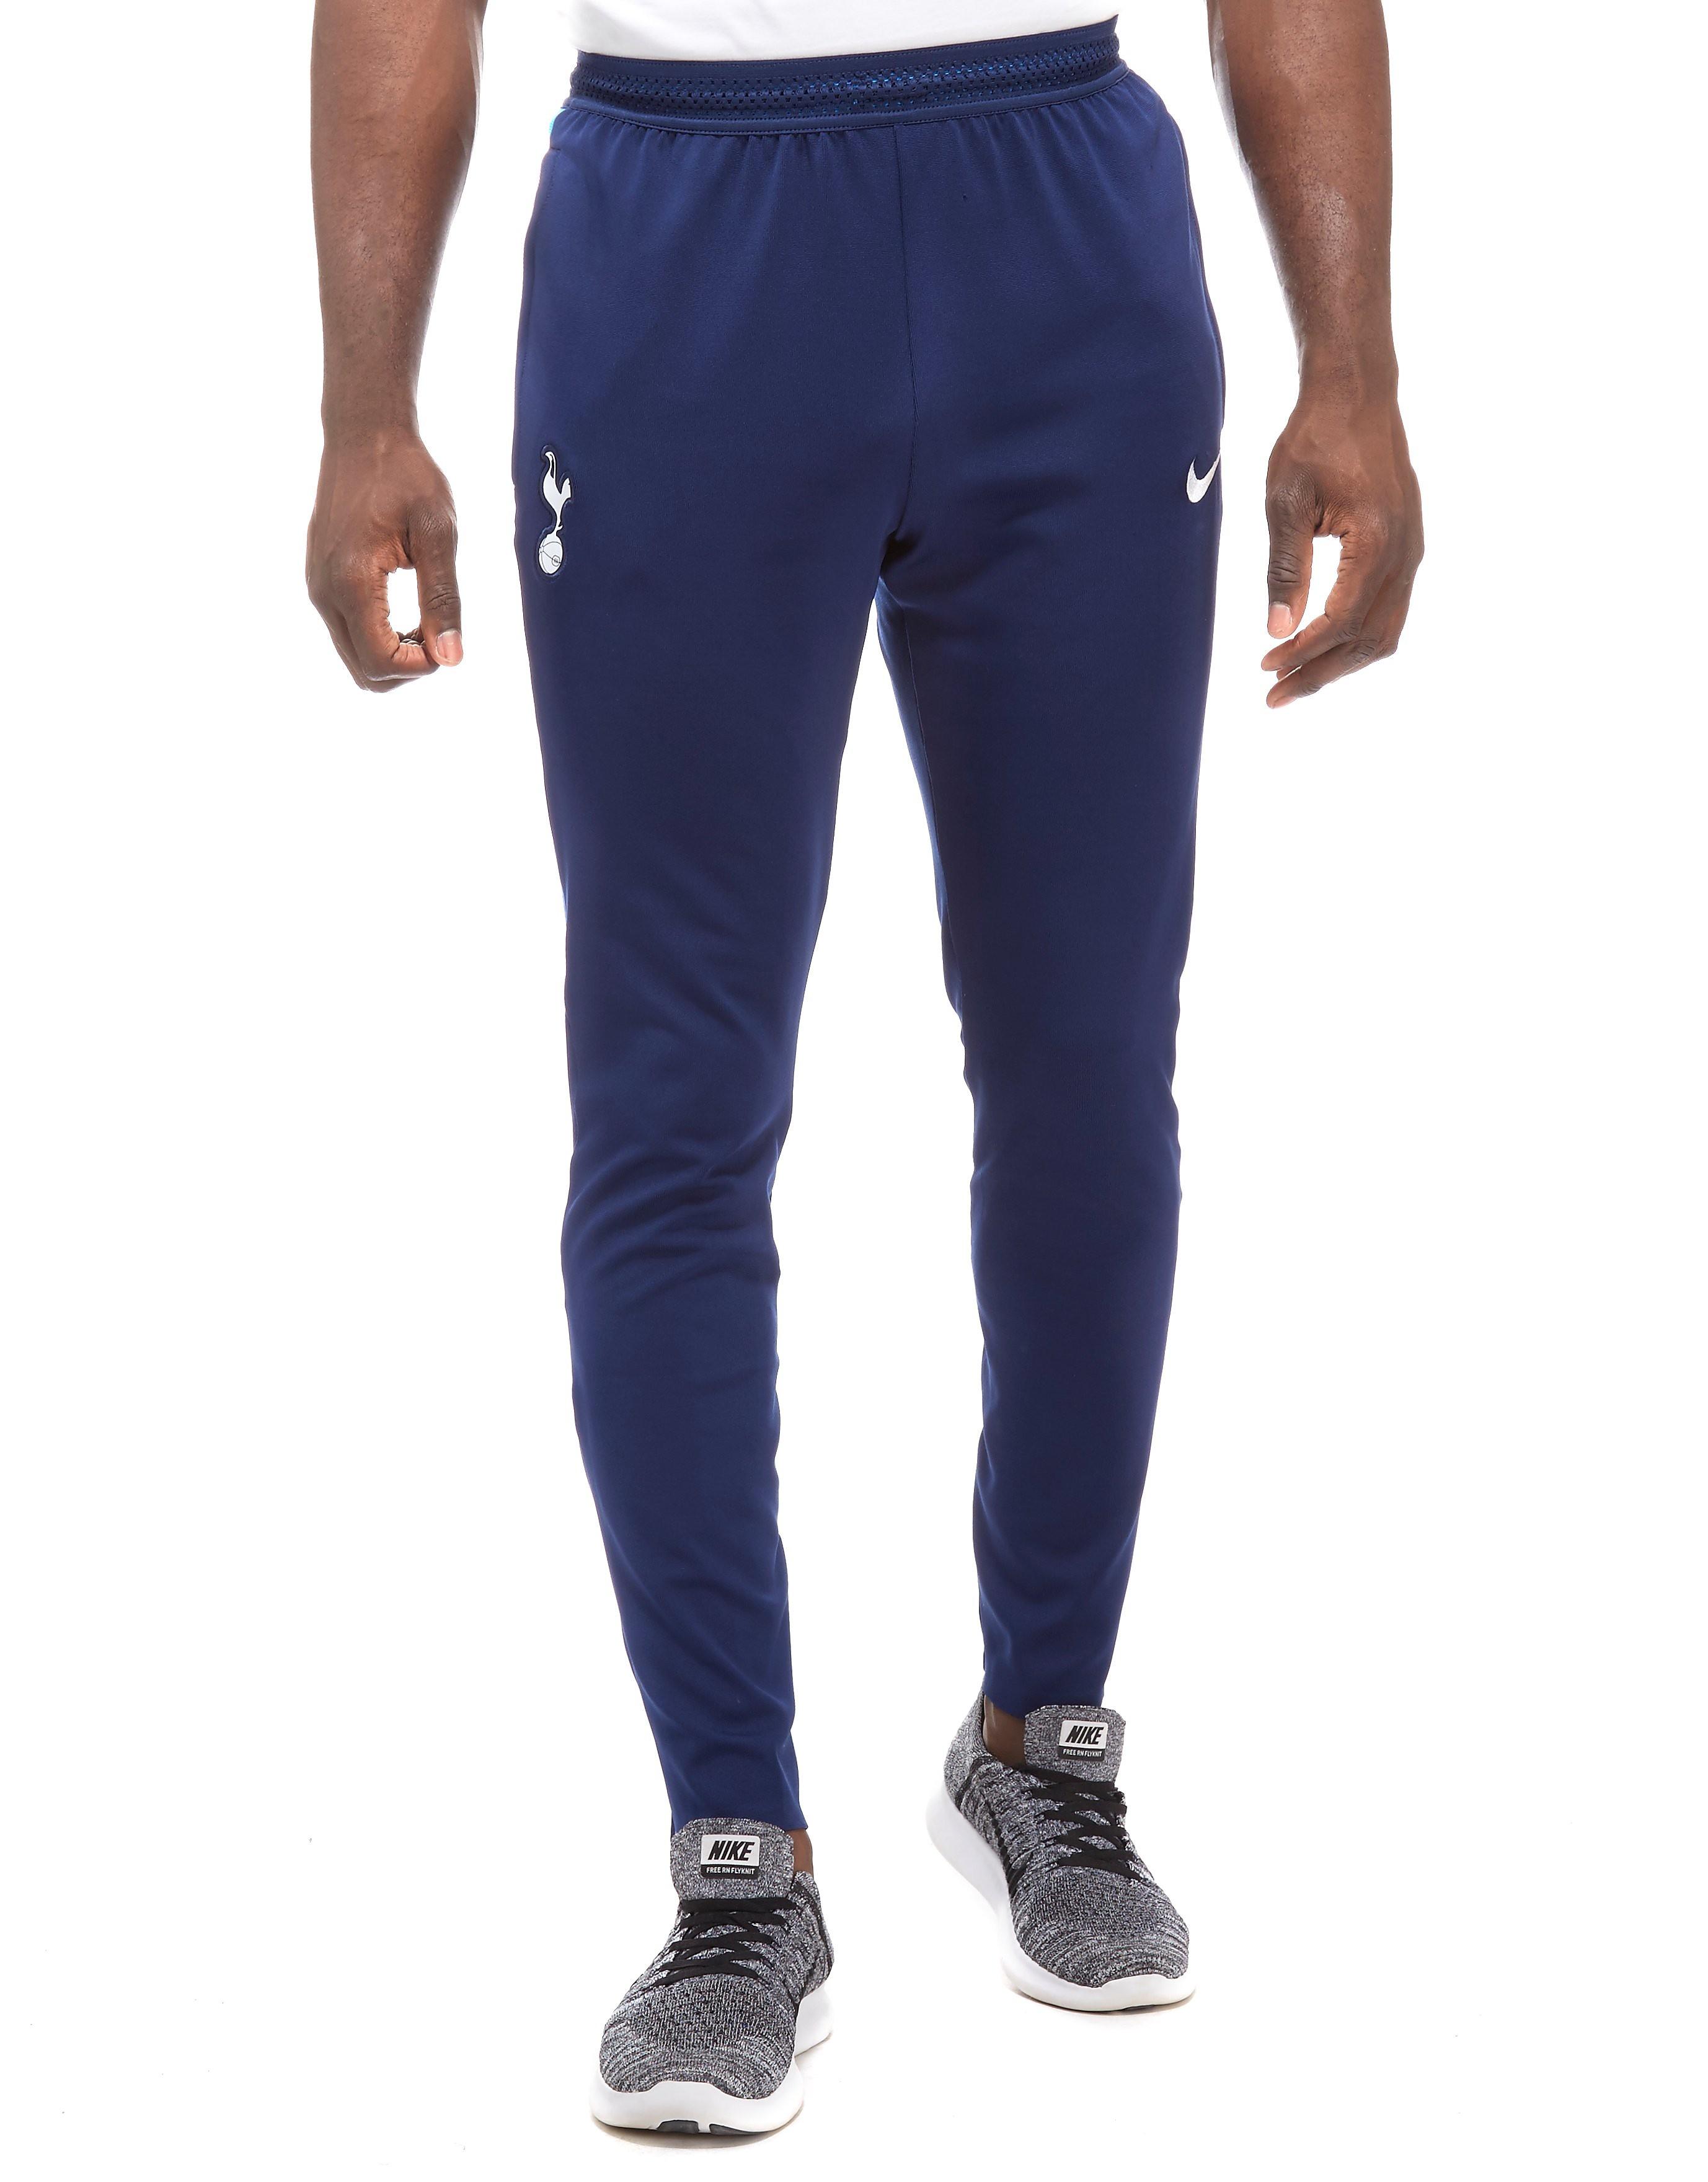 Nike Pantalon de survêtement Tottenham Hotspur 2017 Aero Swift Homme